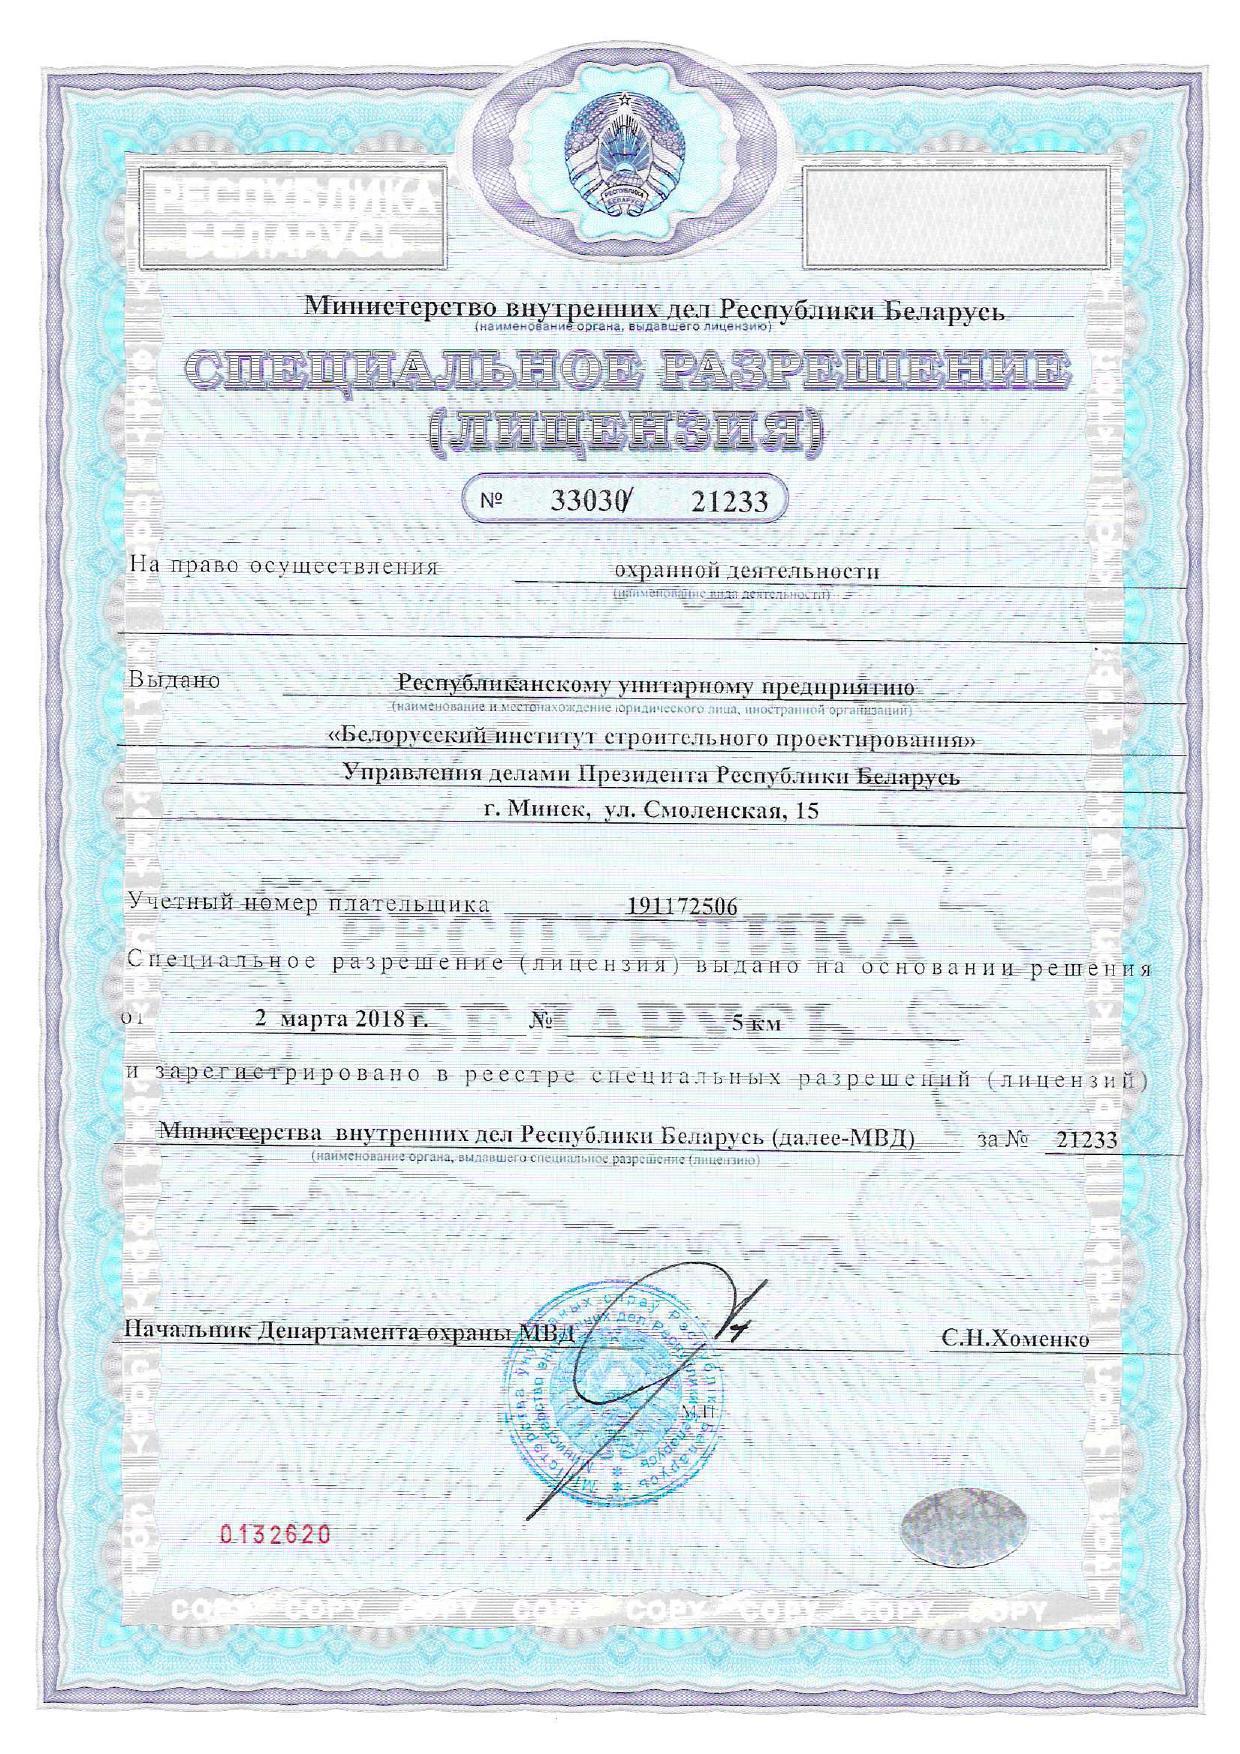 9 Лицензия МВД (проектирование средств и систем охраны)